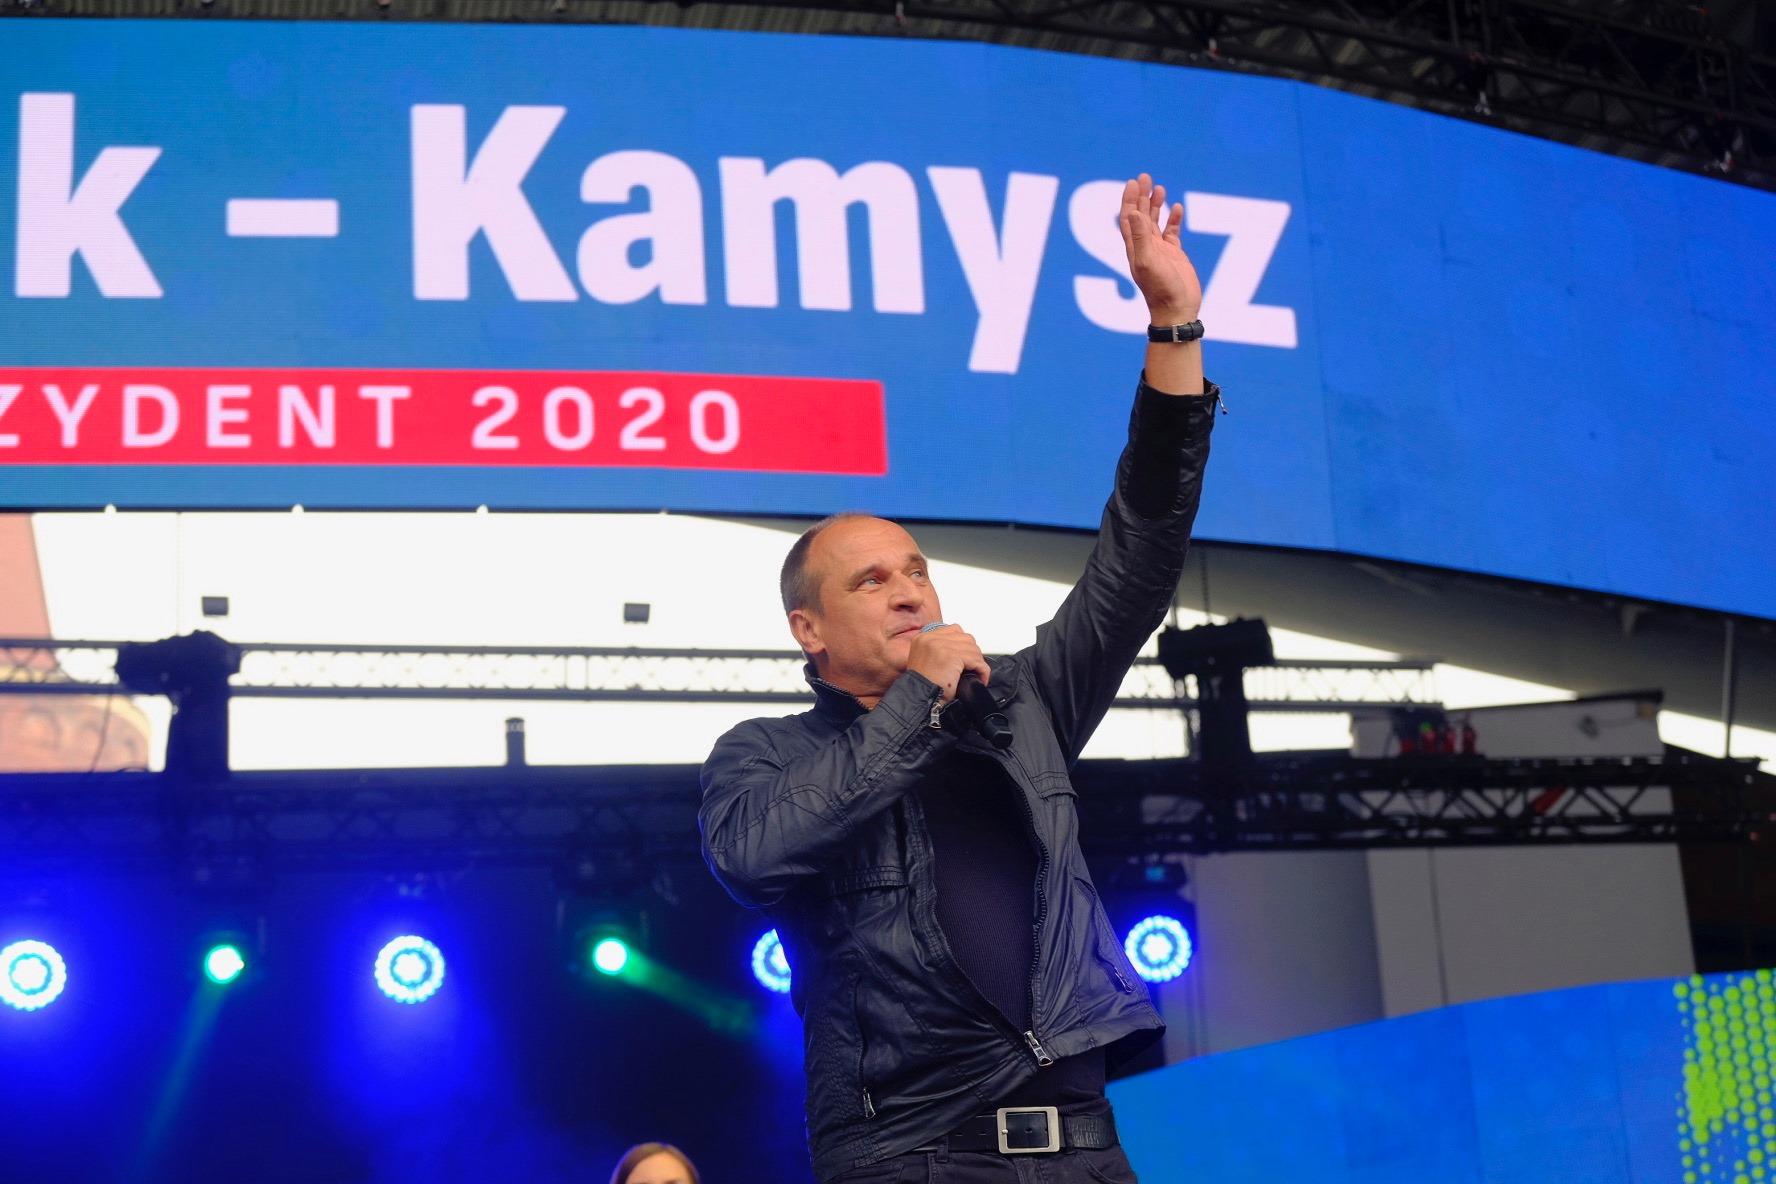 Władysław Kosiniak-Kamysz paweł kukiz - Władysław Kosiniak-Kamysz - Facebook